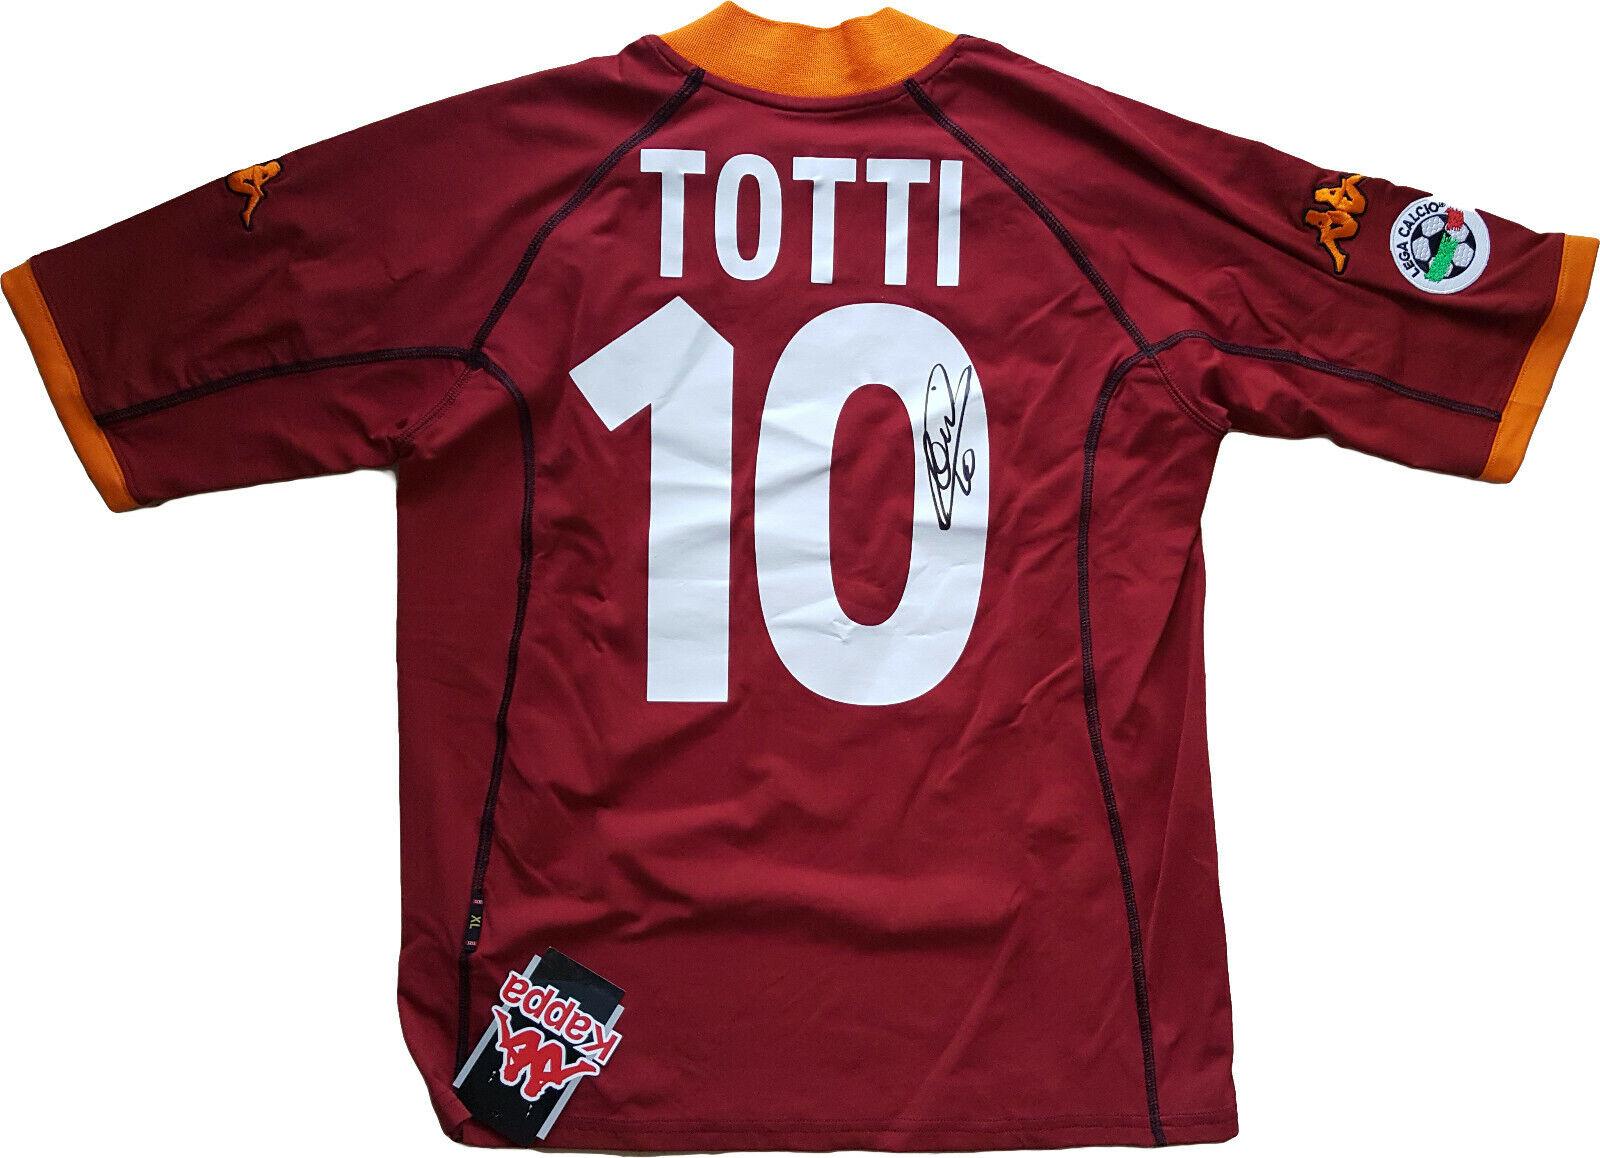 Maglia Totti Roma scudetto 2001 2002 Kappa signed Ina Assitalia NUOVA XL